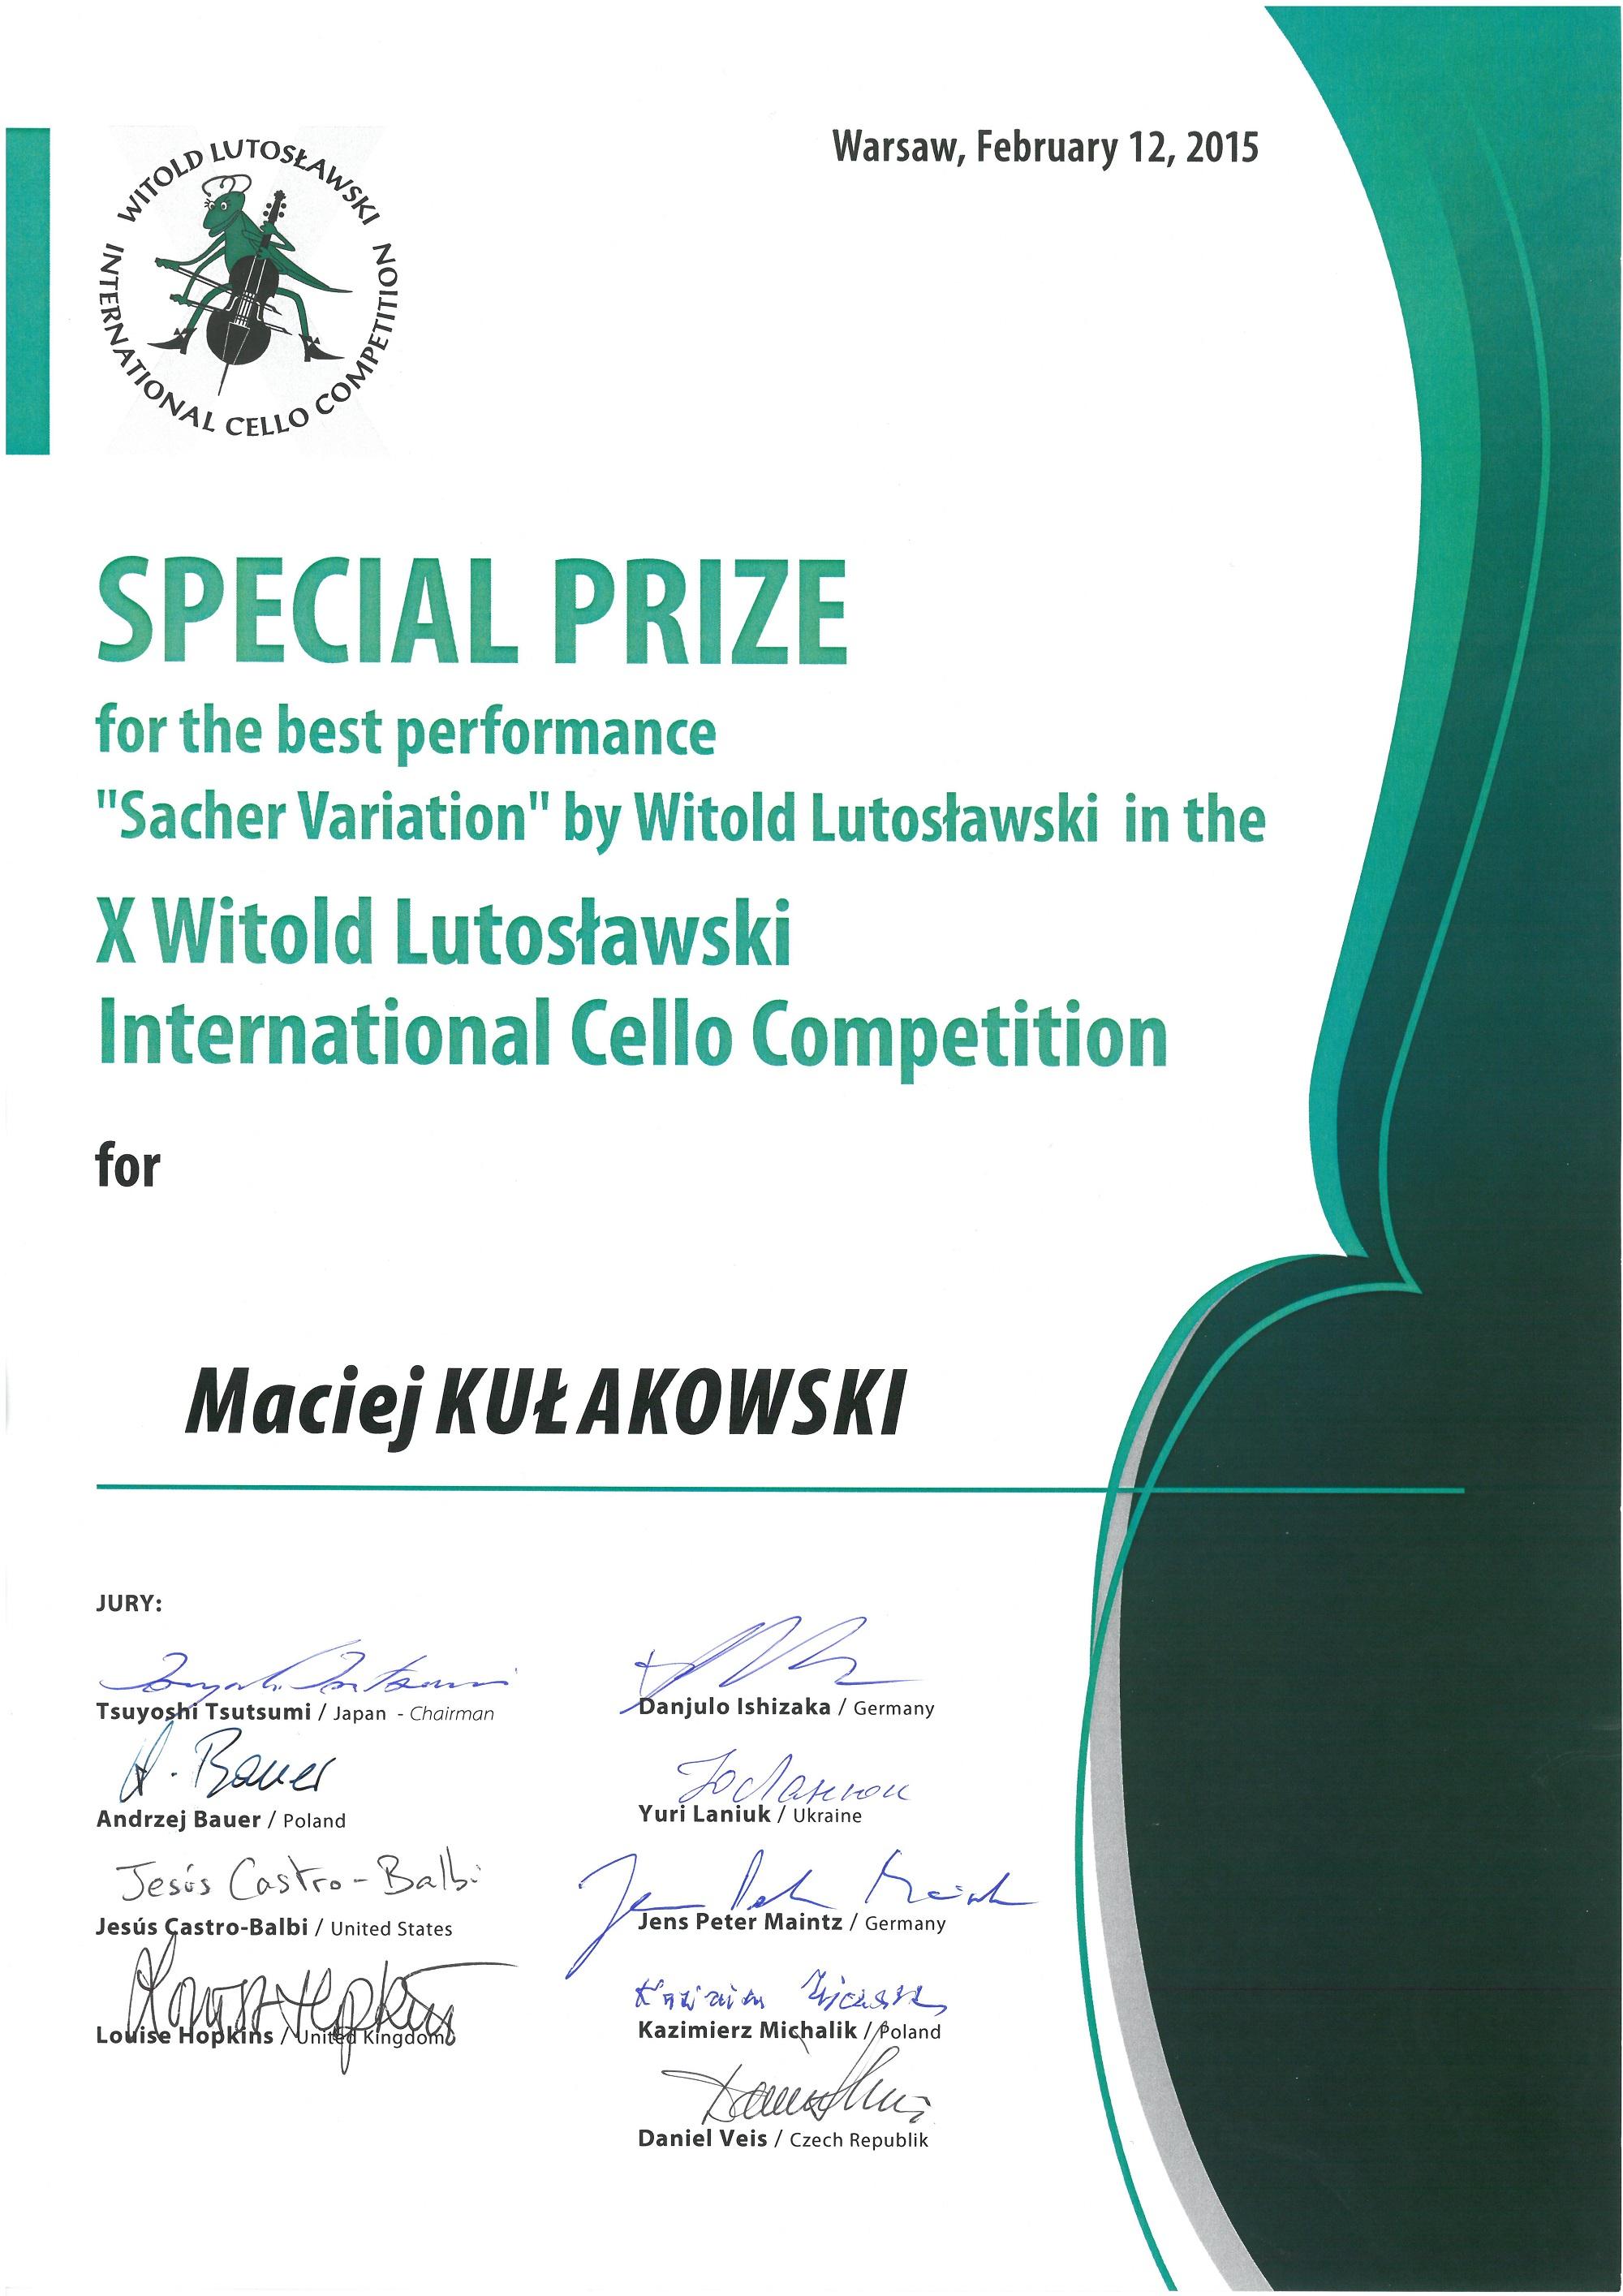 M.Kulakowski_dyplom_Nagroda specjalna_www